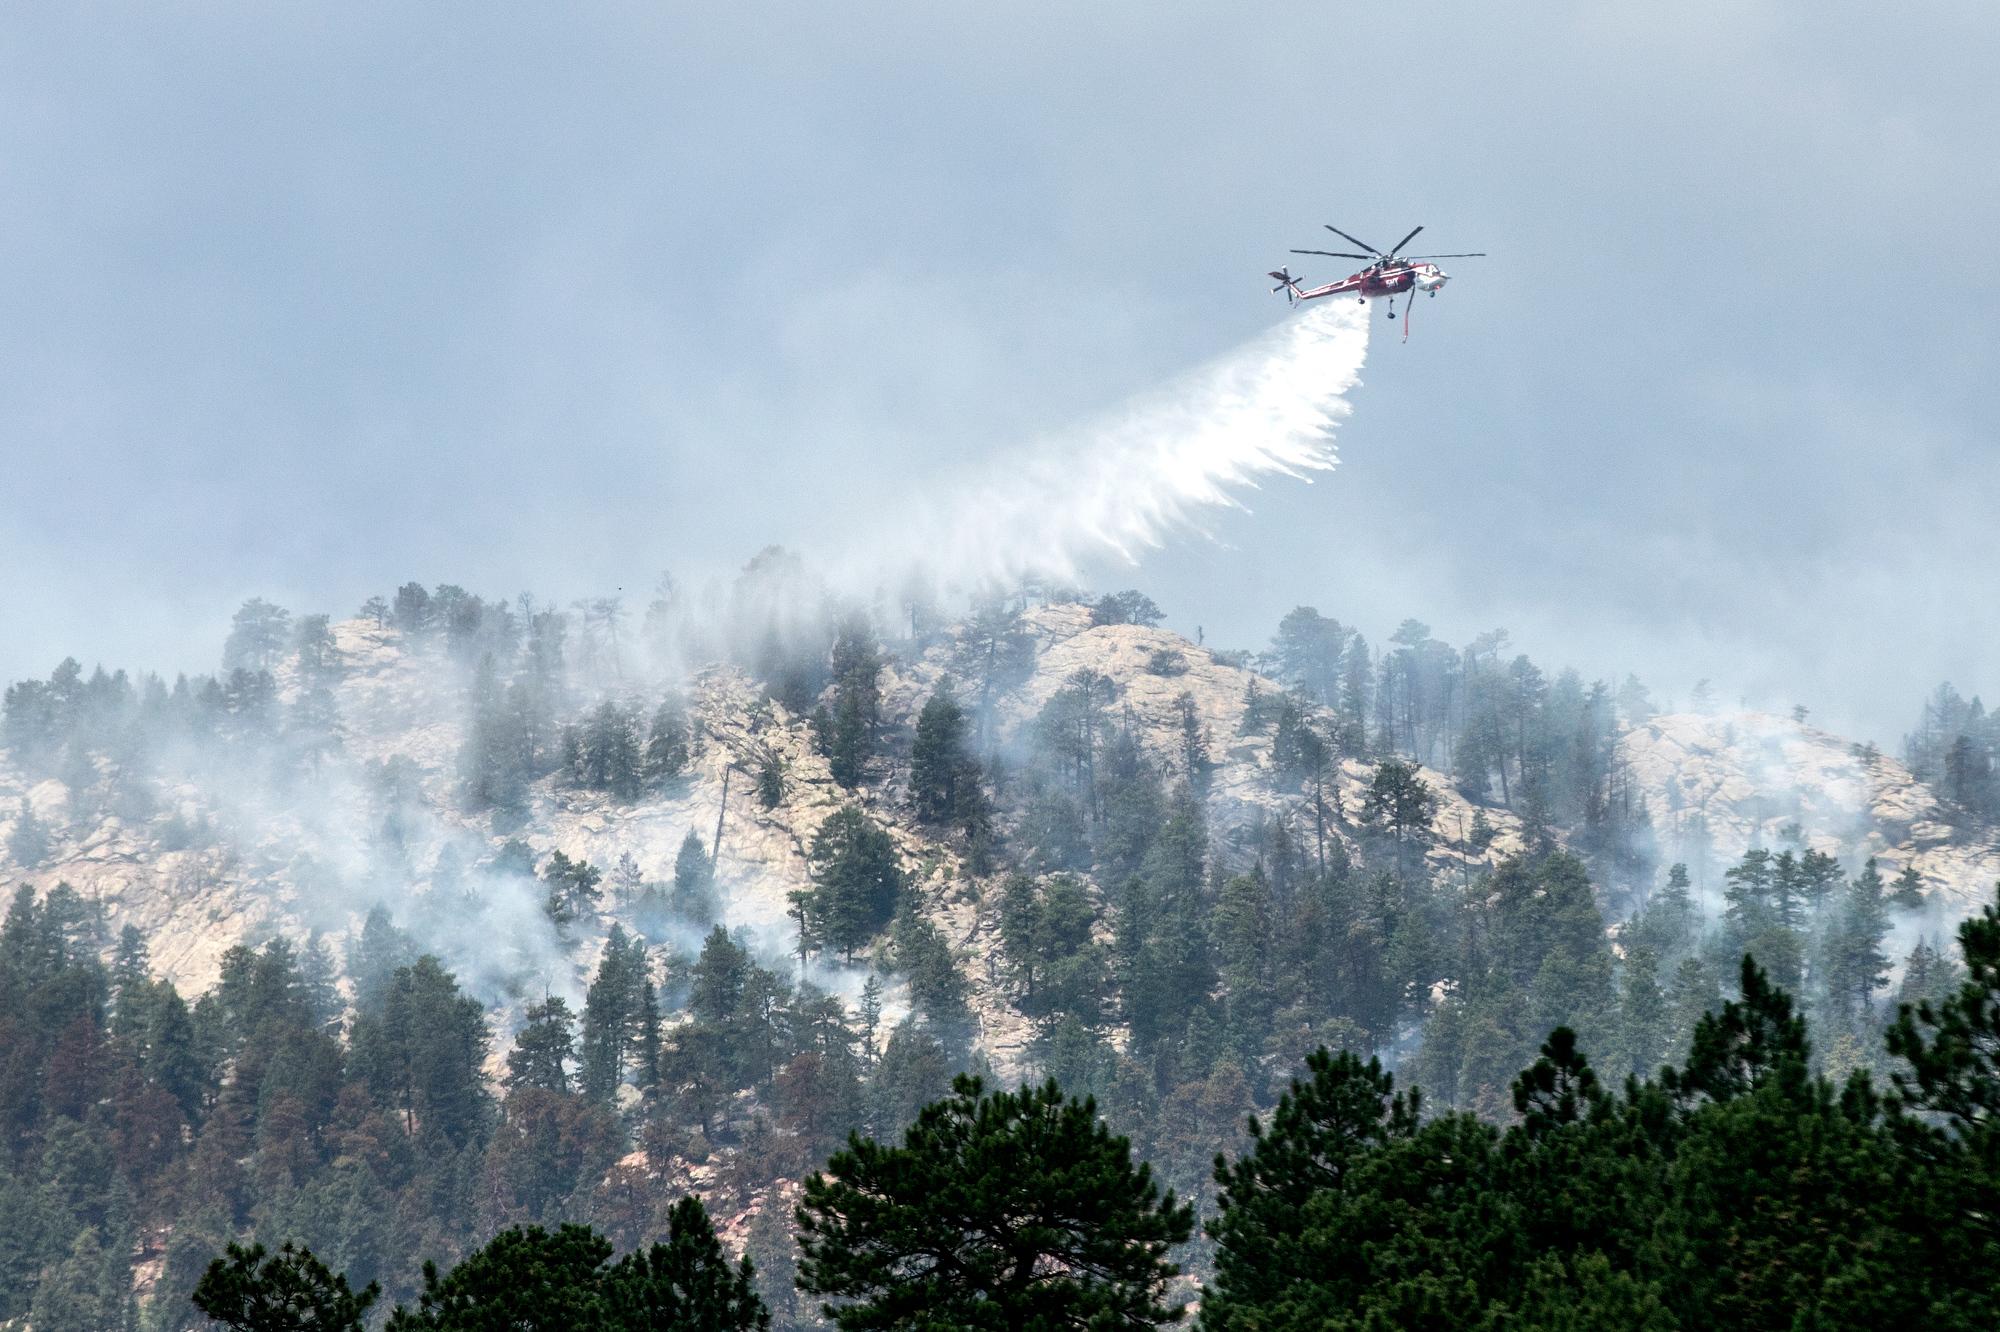 Evergreen Elephant Butte Fire